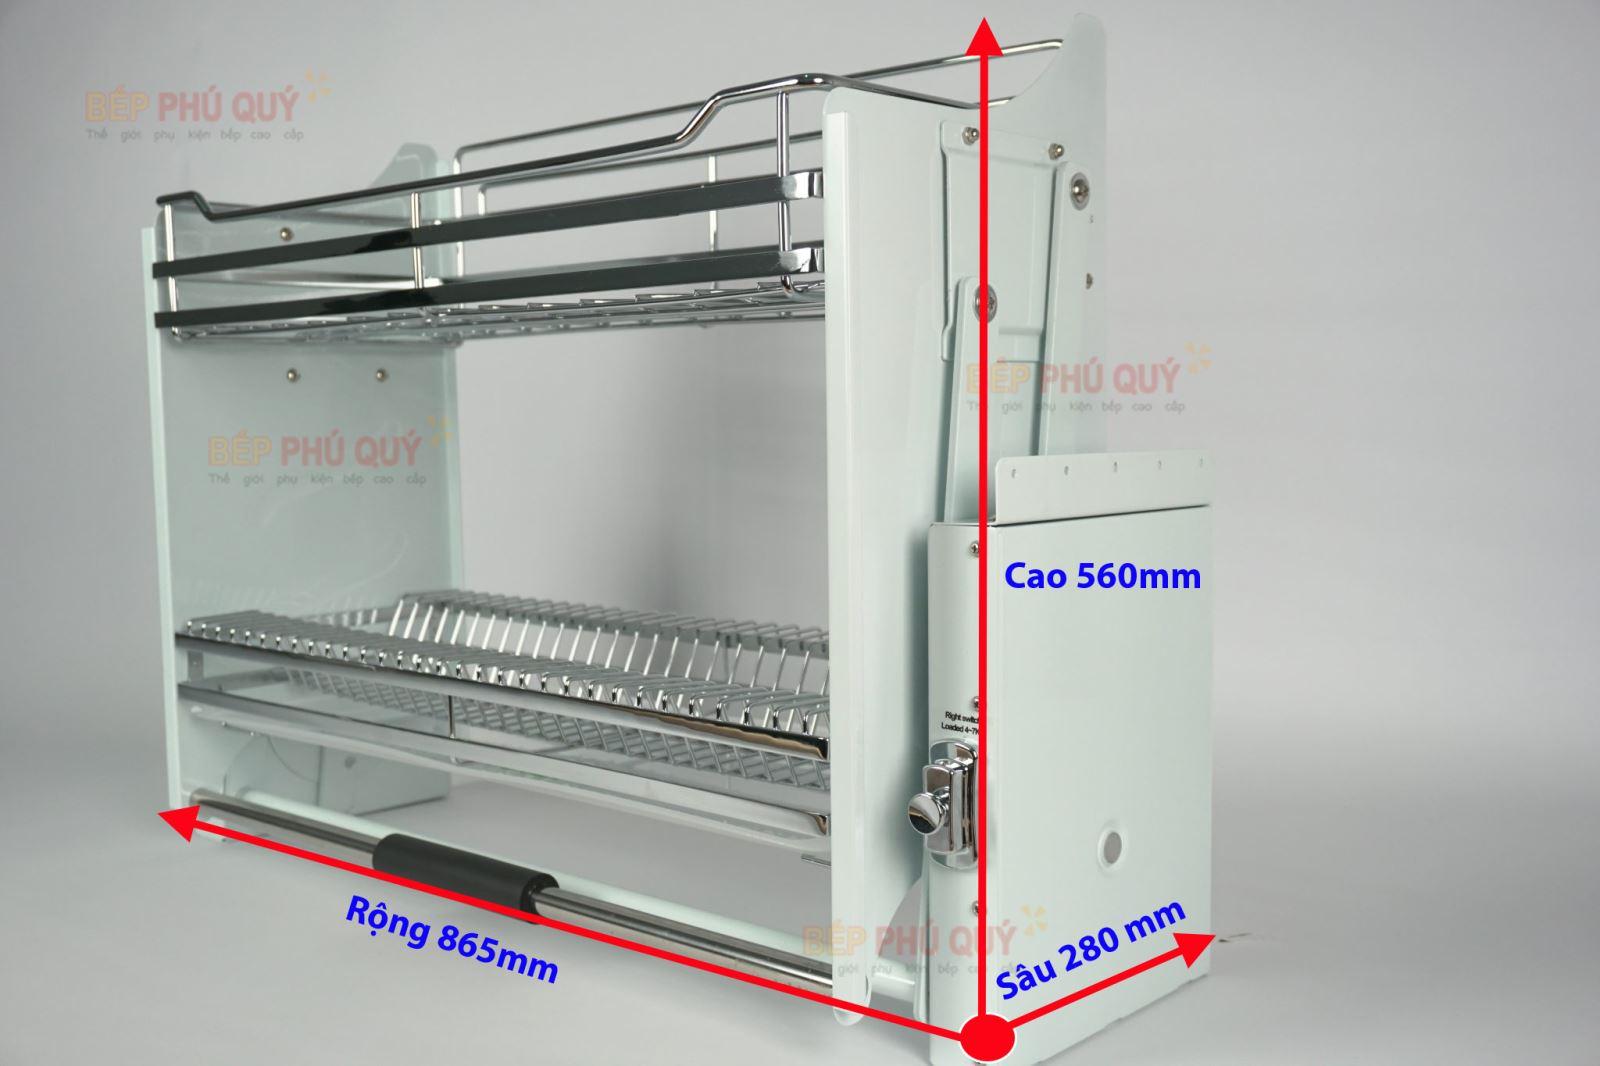 thông số kích thước sản phẩm giá bát nâng hạ luxury lx 1190